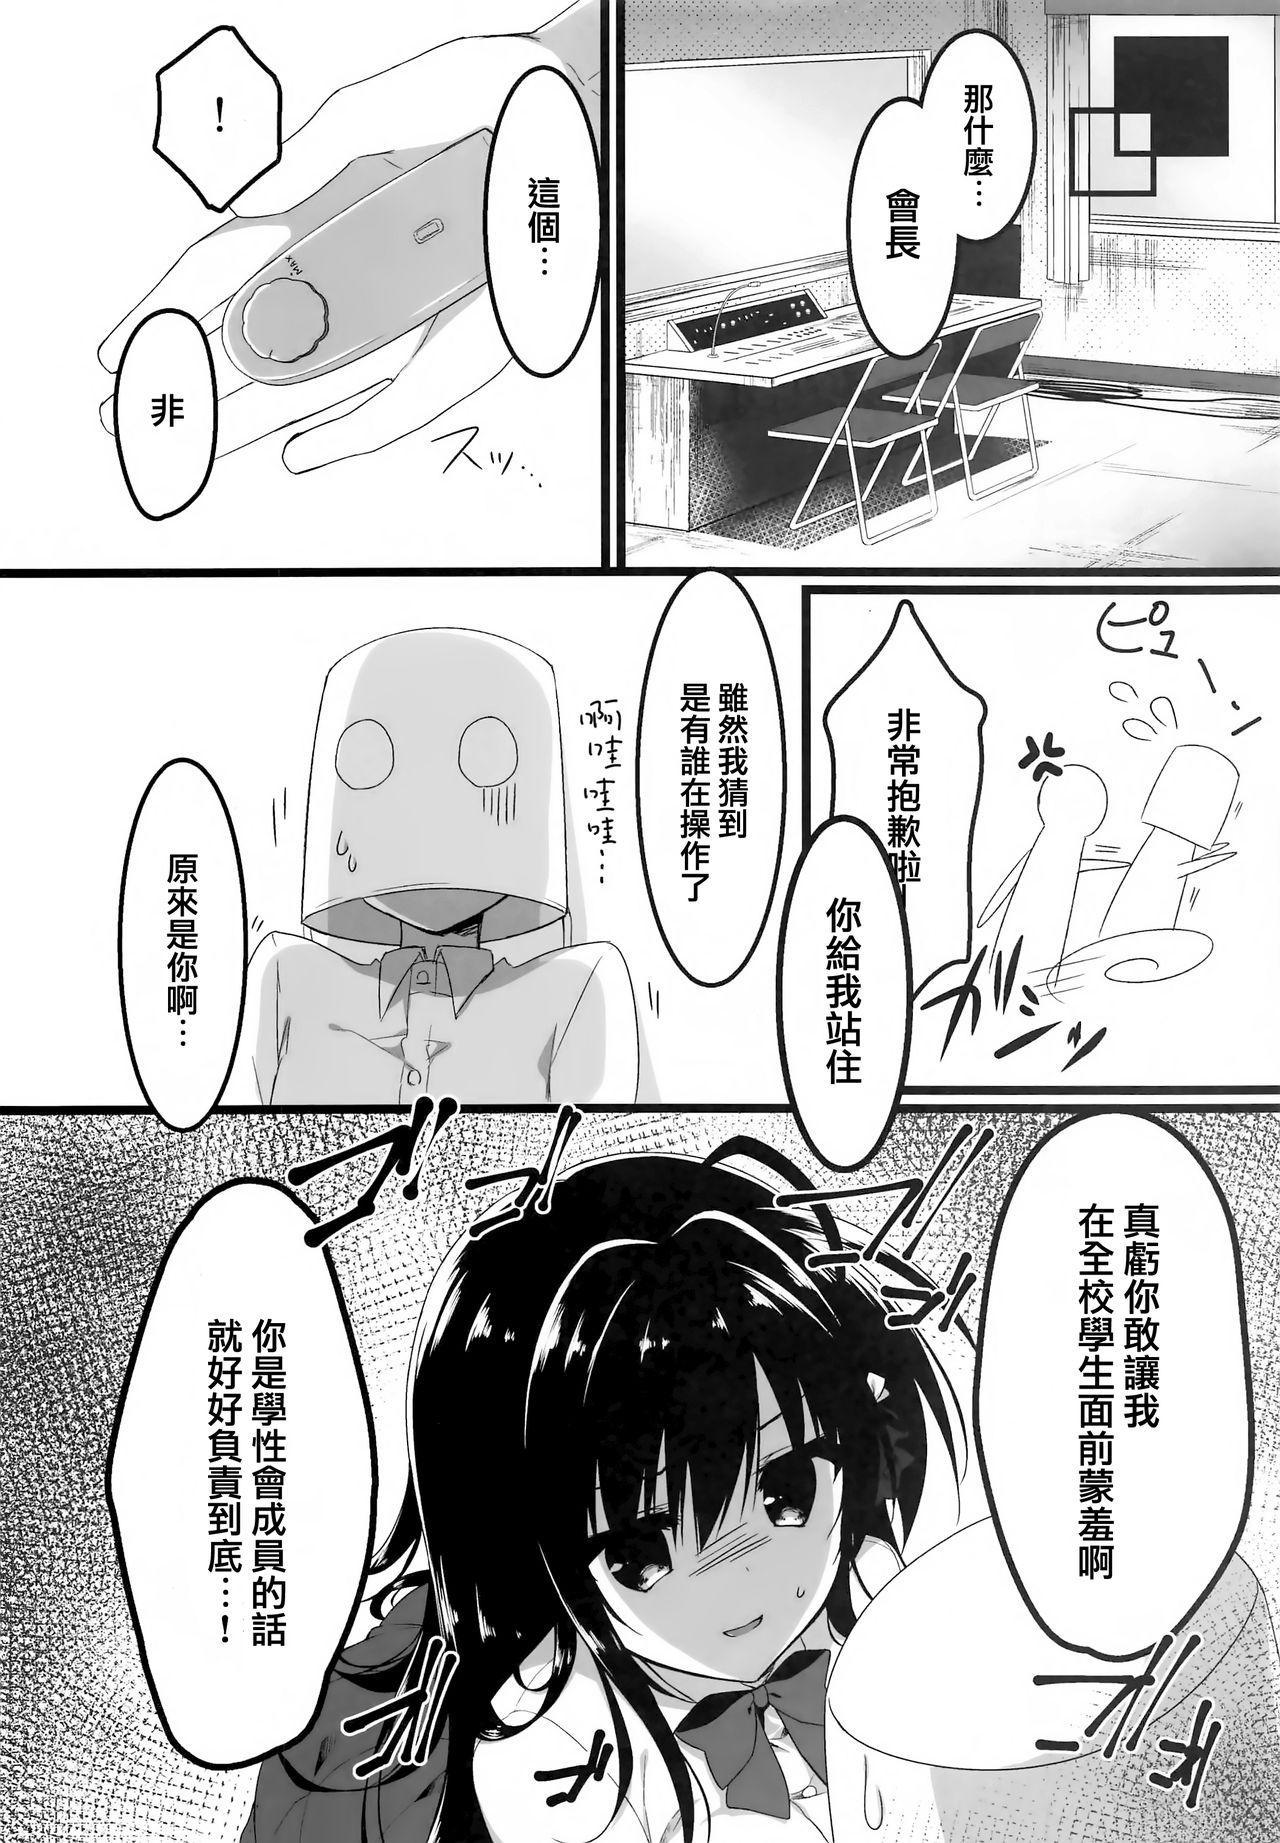 Kaichou, Zenkou Seito no Mae desu yo!? 11